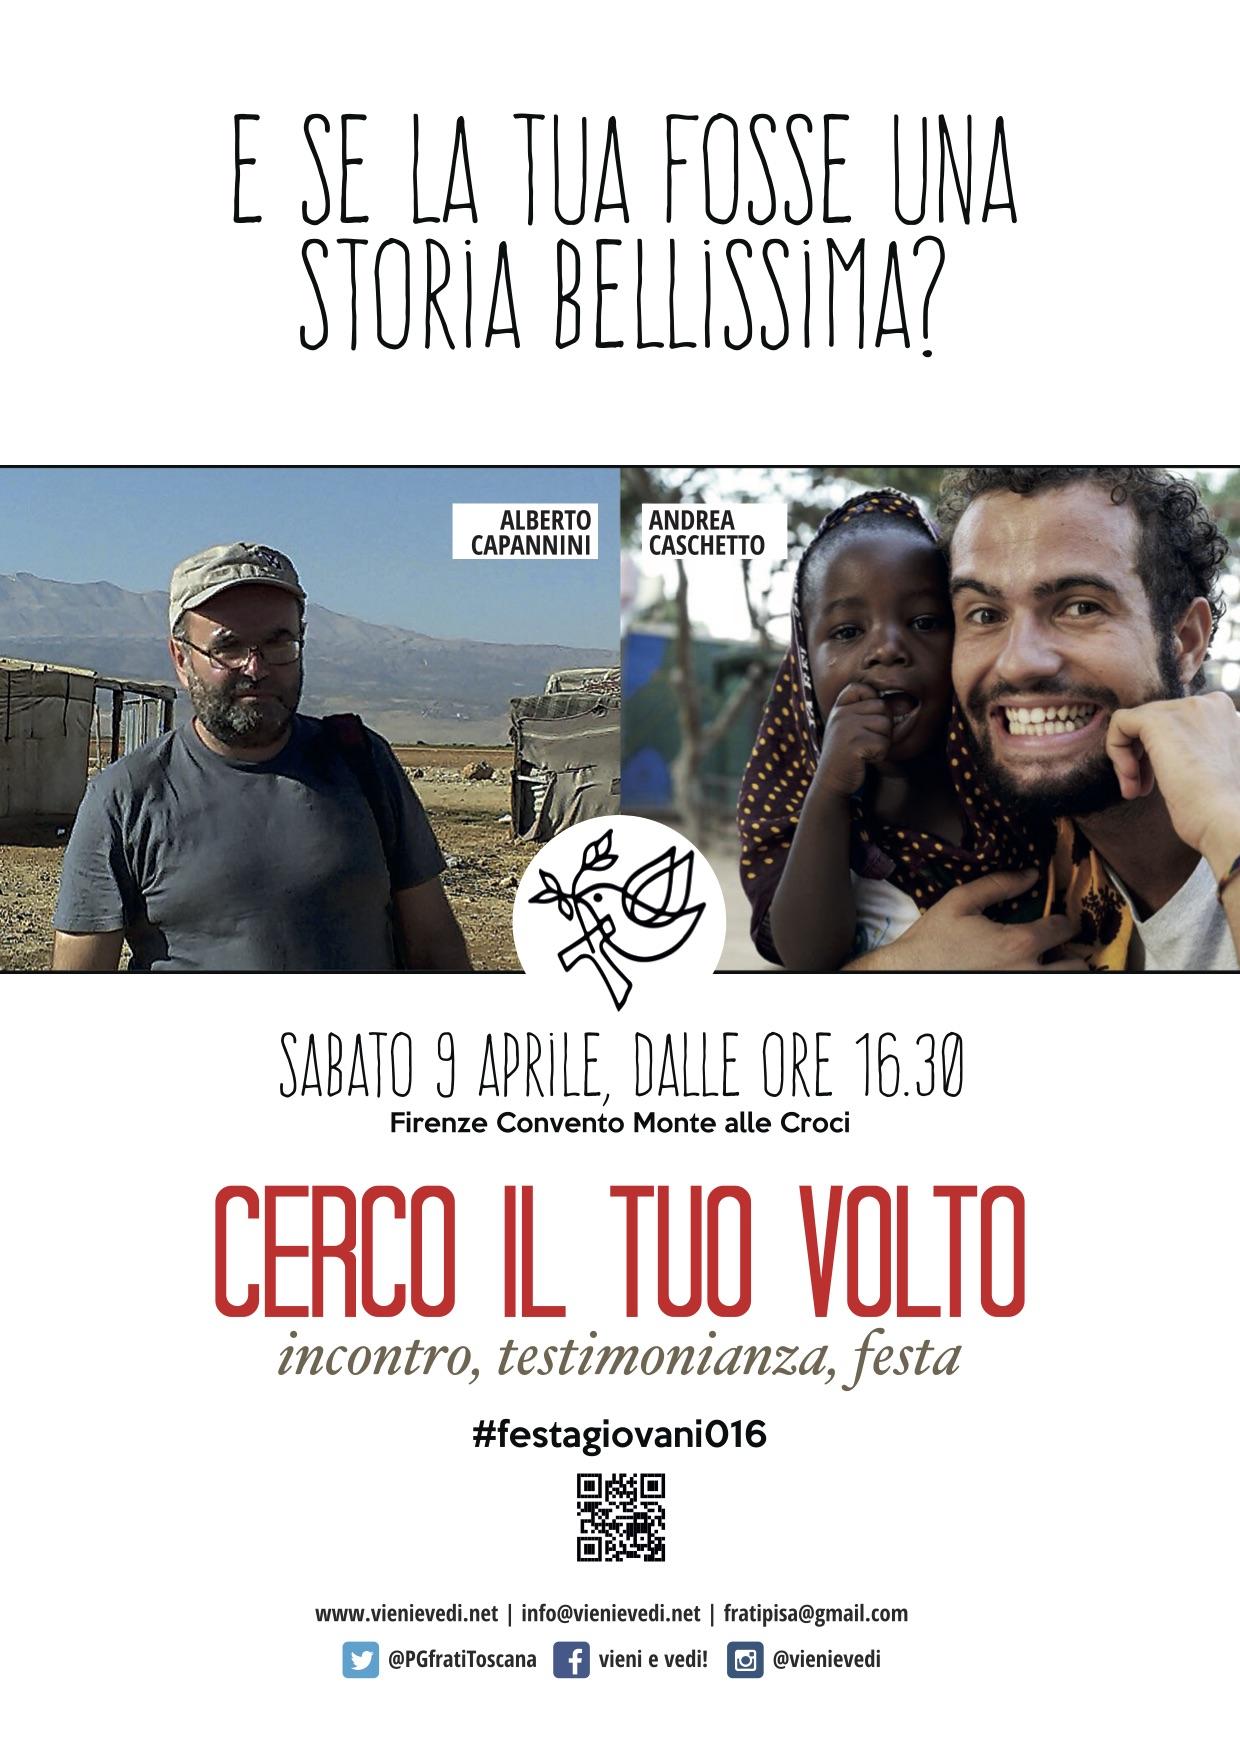 #festagiovani016 ... comunicato stampa! 2